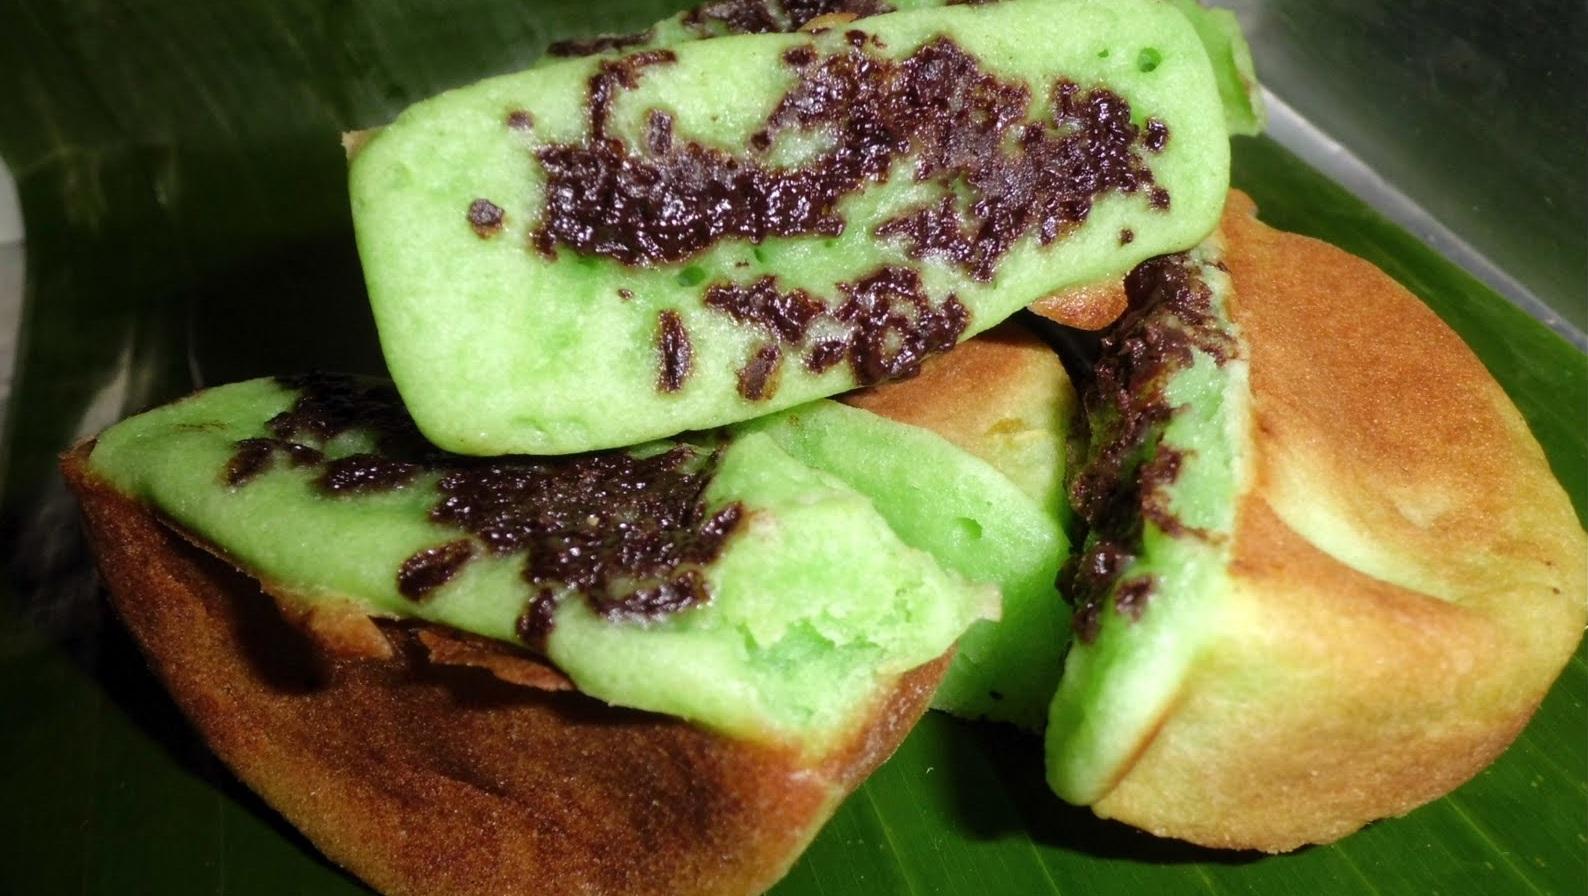 ... .Cetakan kue dan resep kue untuk usaha di toko cetakan kue online